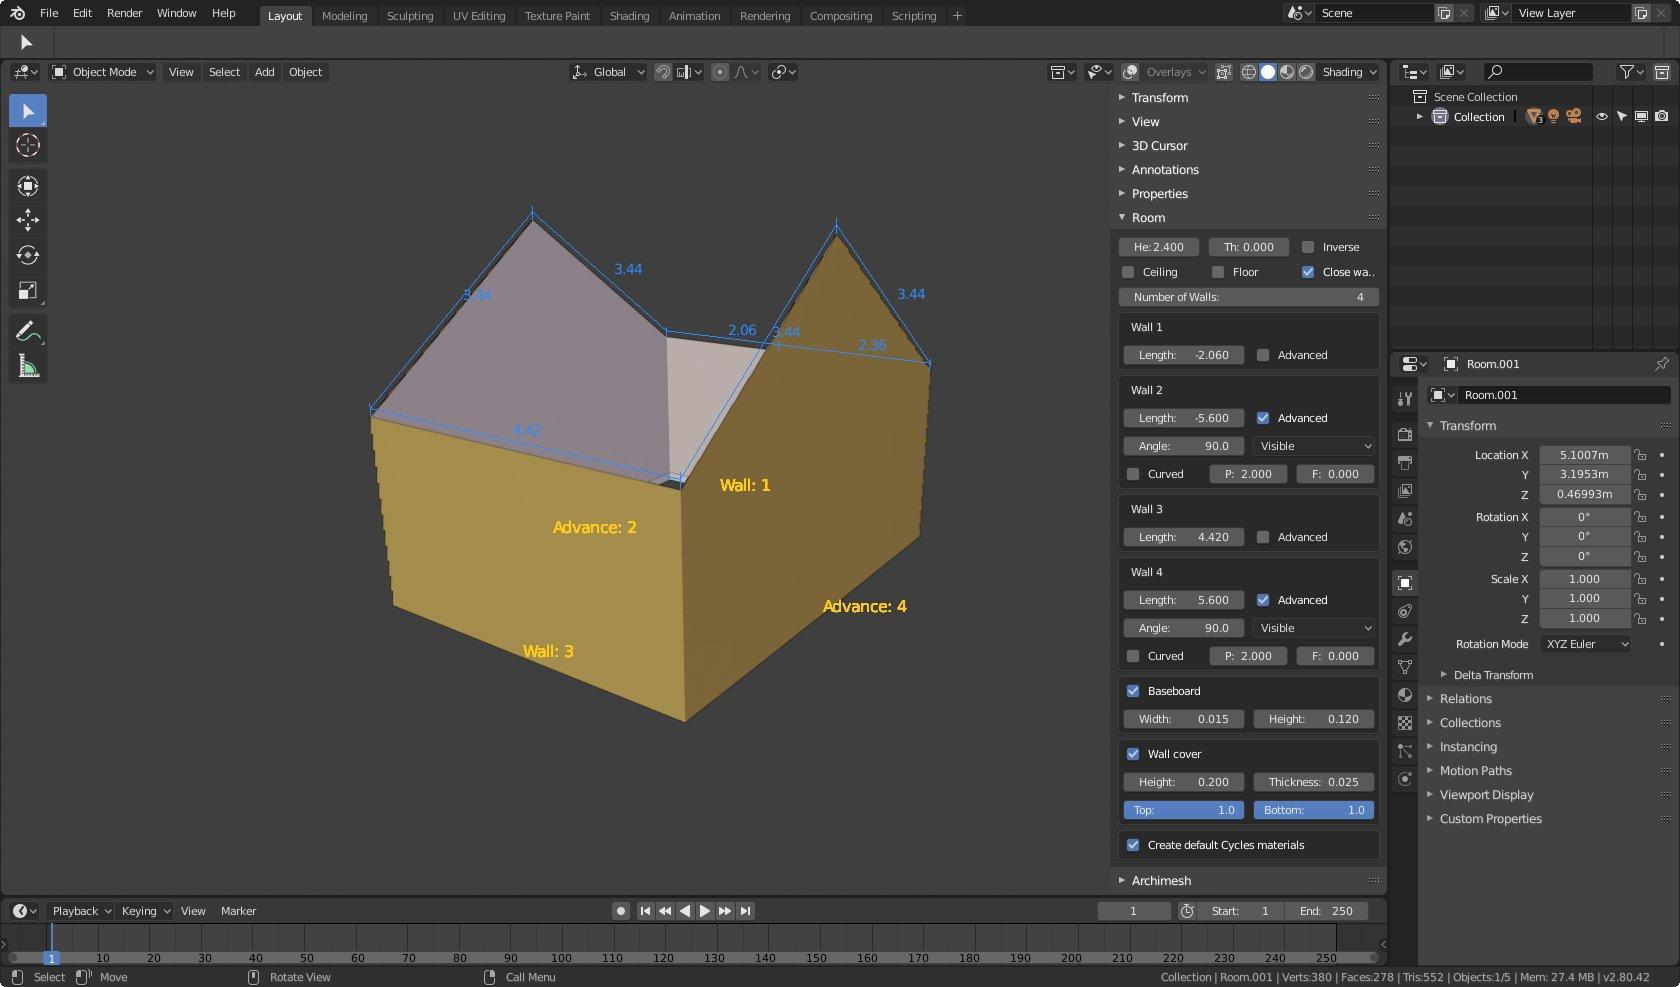 Archimesh for Blender 2.80